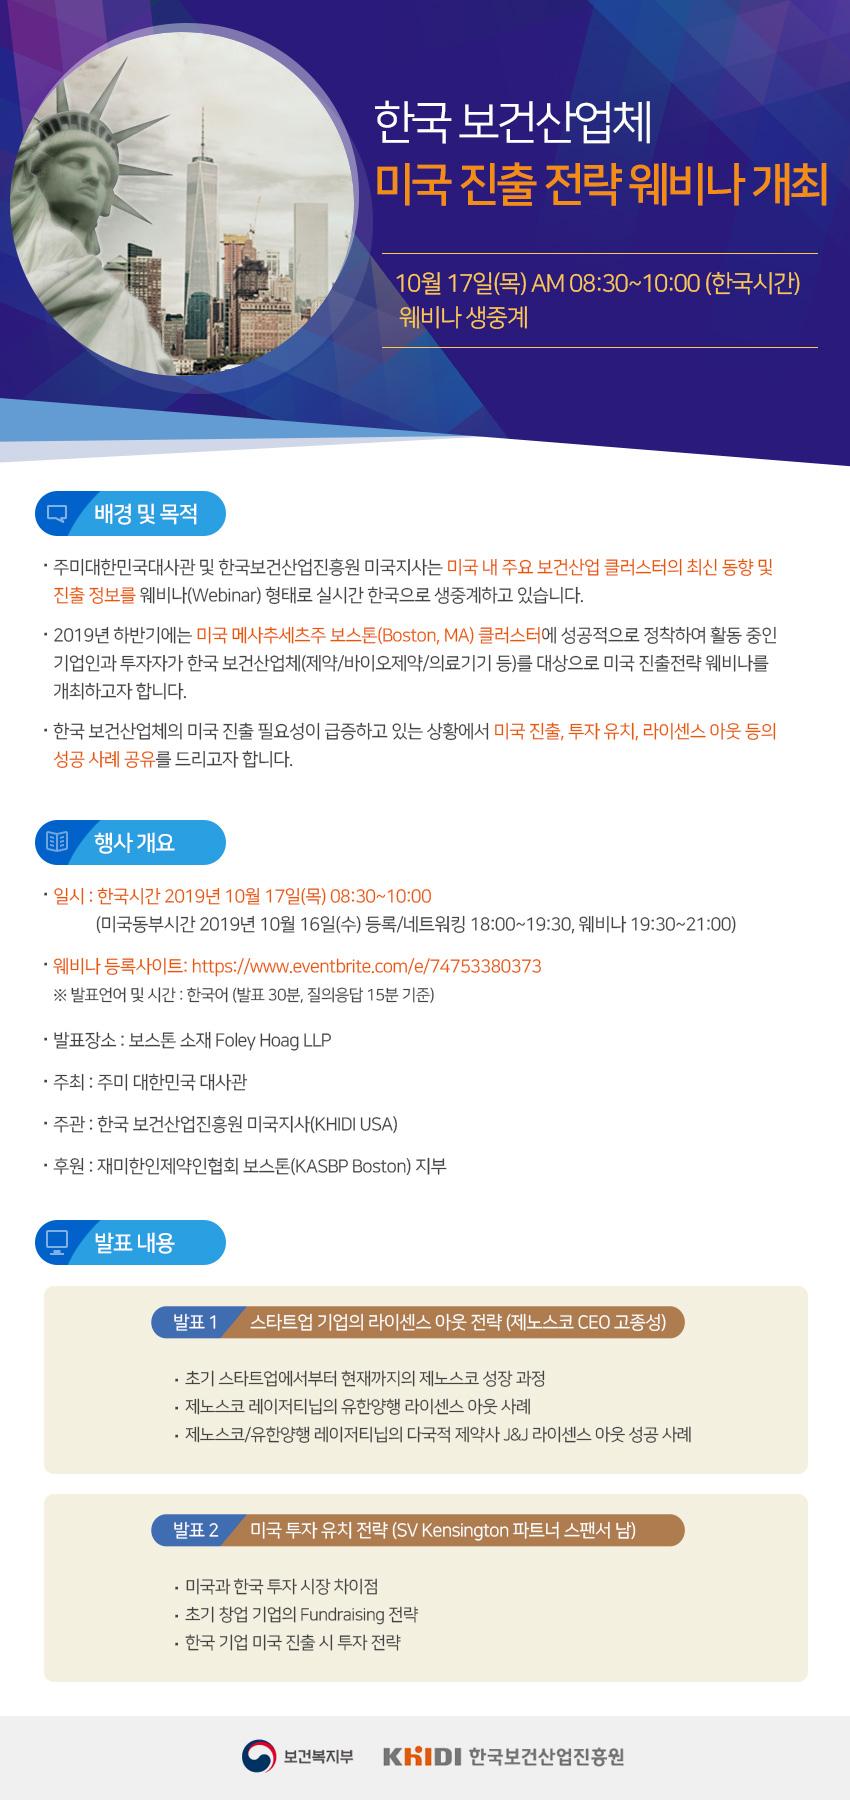 한국보건산업체 미국 진출전략 웨비나 개최 10월 17일(목) AM 08:30~10:00 (한국시간) 웨비나 생중계 - 자세한 사항은 다음의 내용을 참조하세요